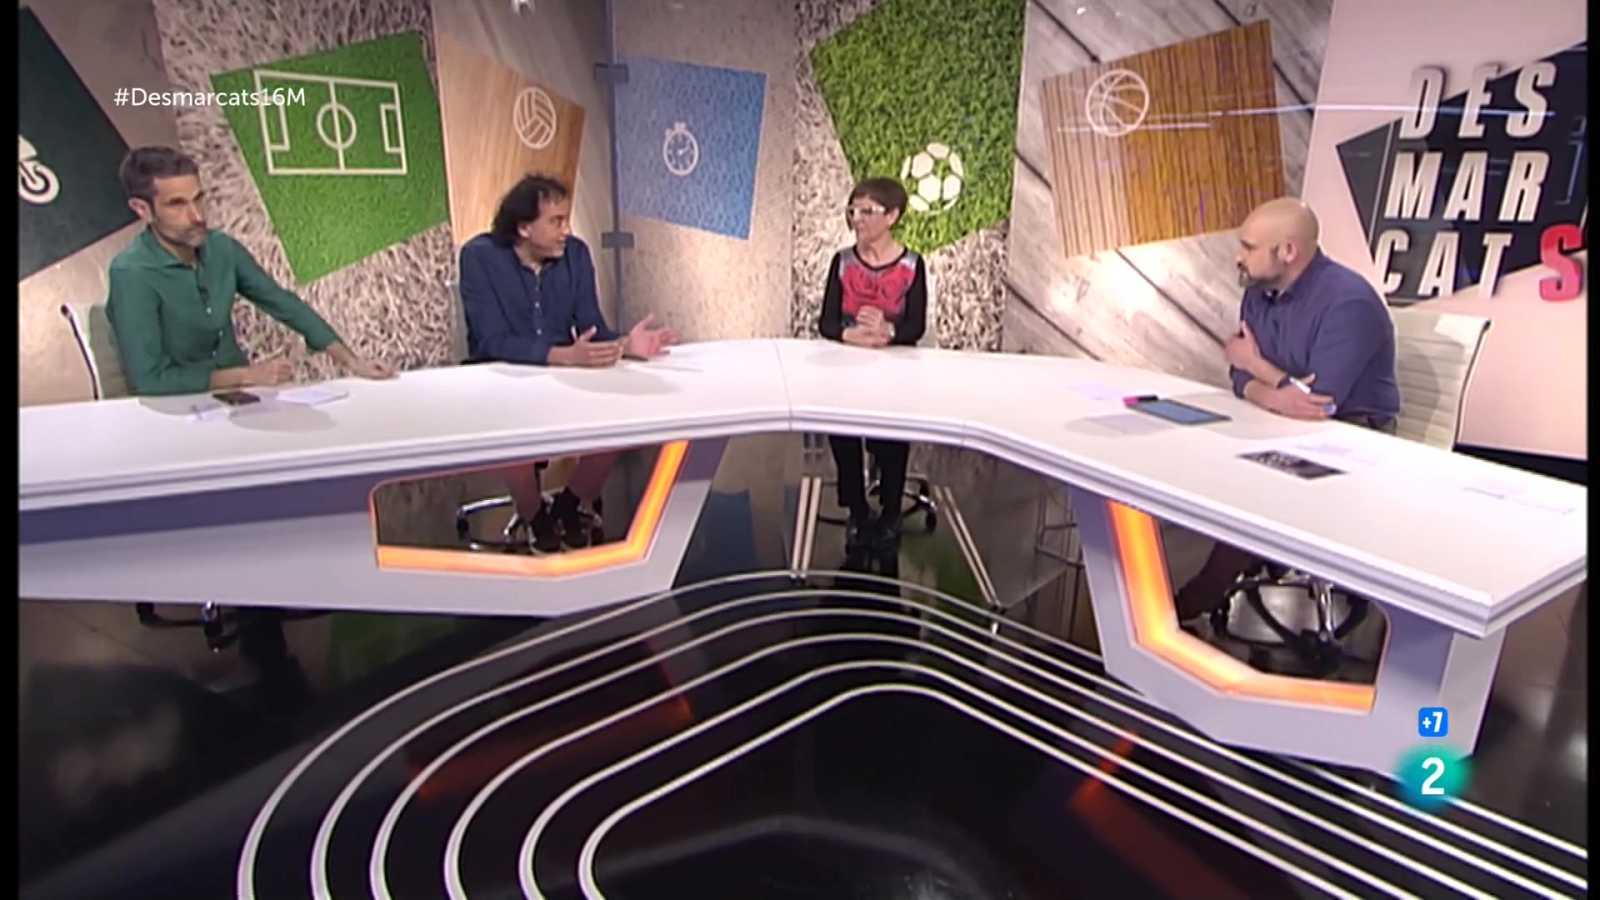 La tertúlia del Desmarcats sobre l'exhibició de Messi el dia que es convertia en el jugador amb més partits al Barça.